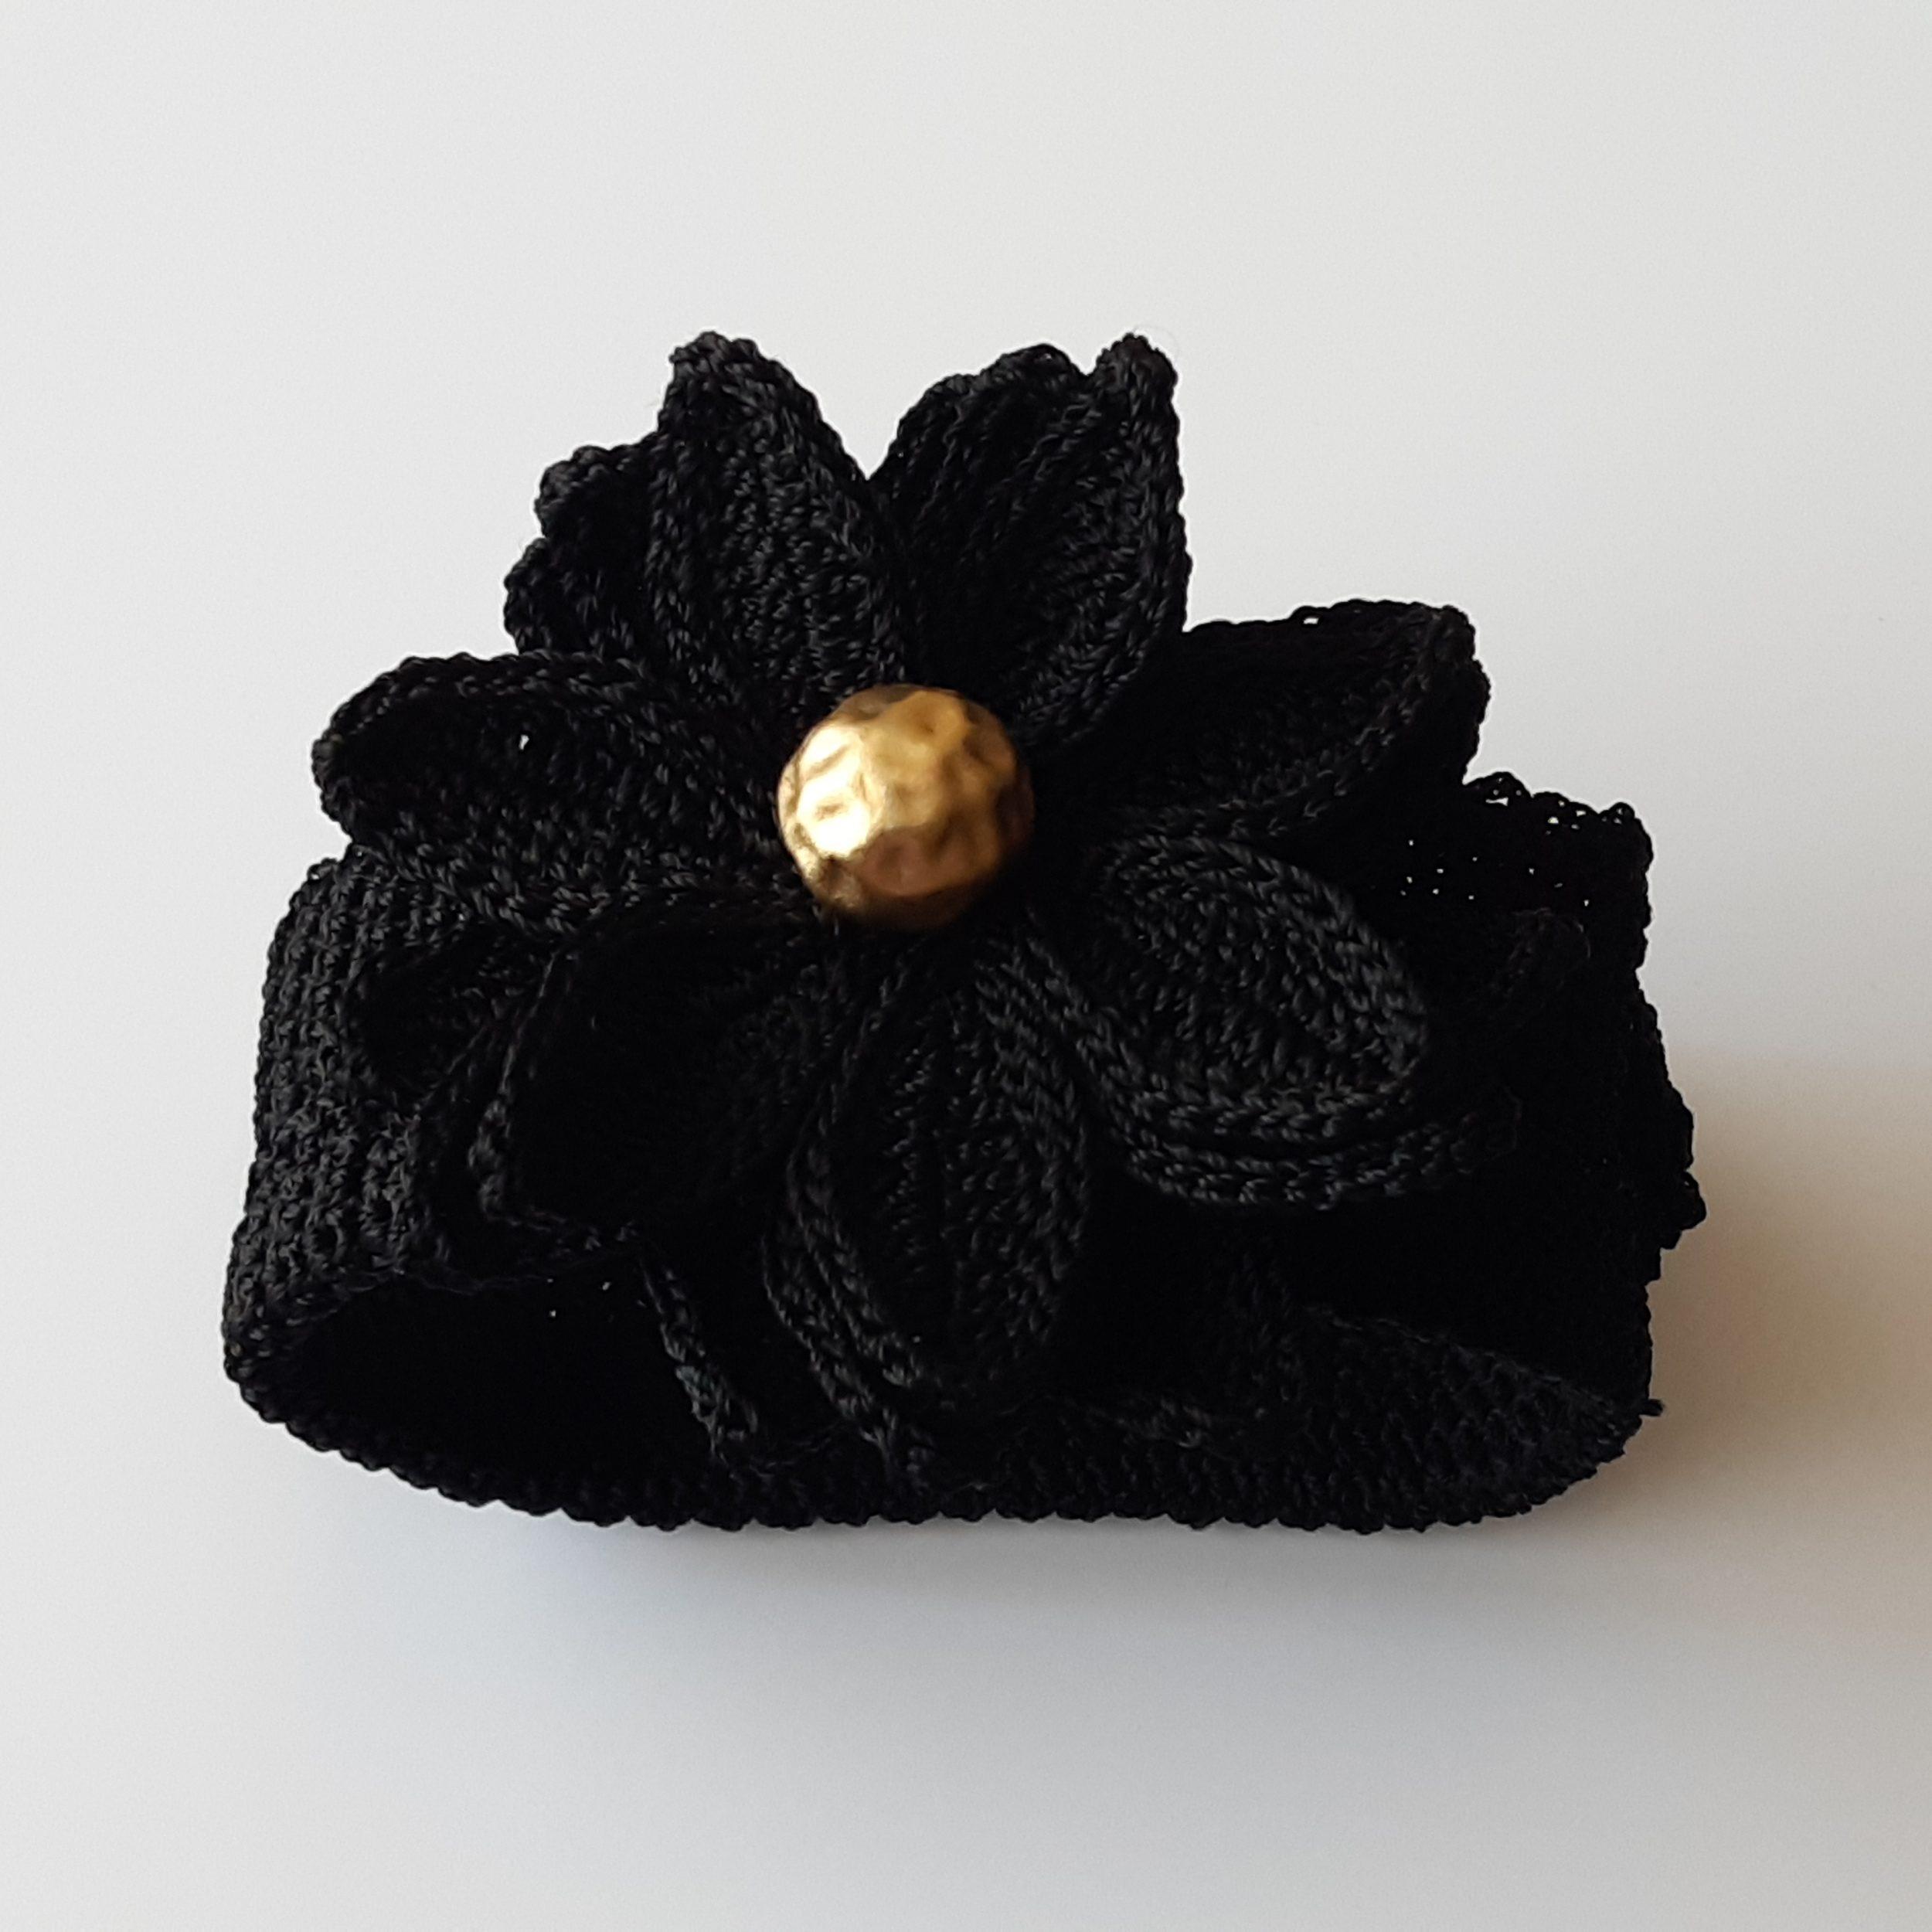 Brazalete de pepita de oro y crochet